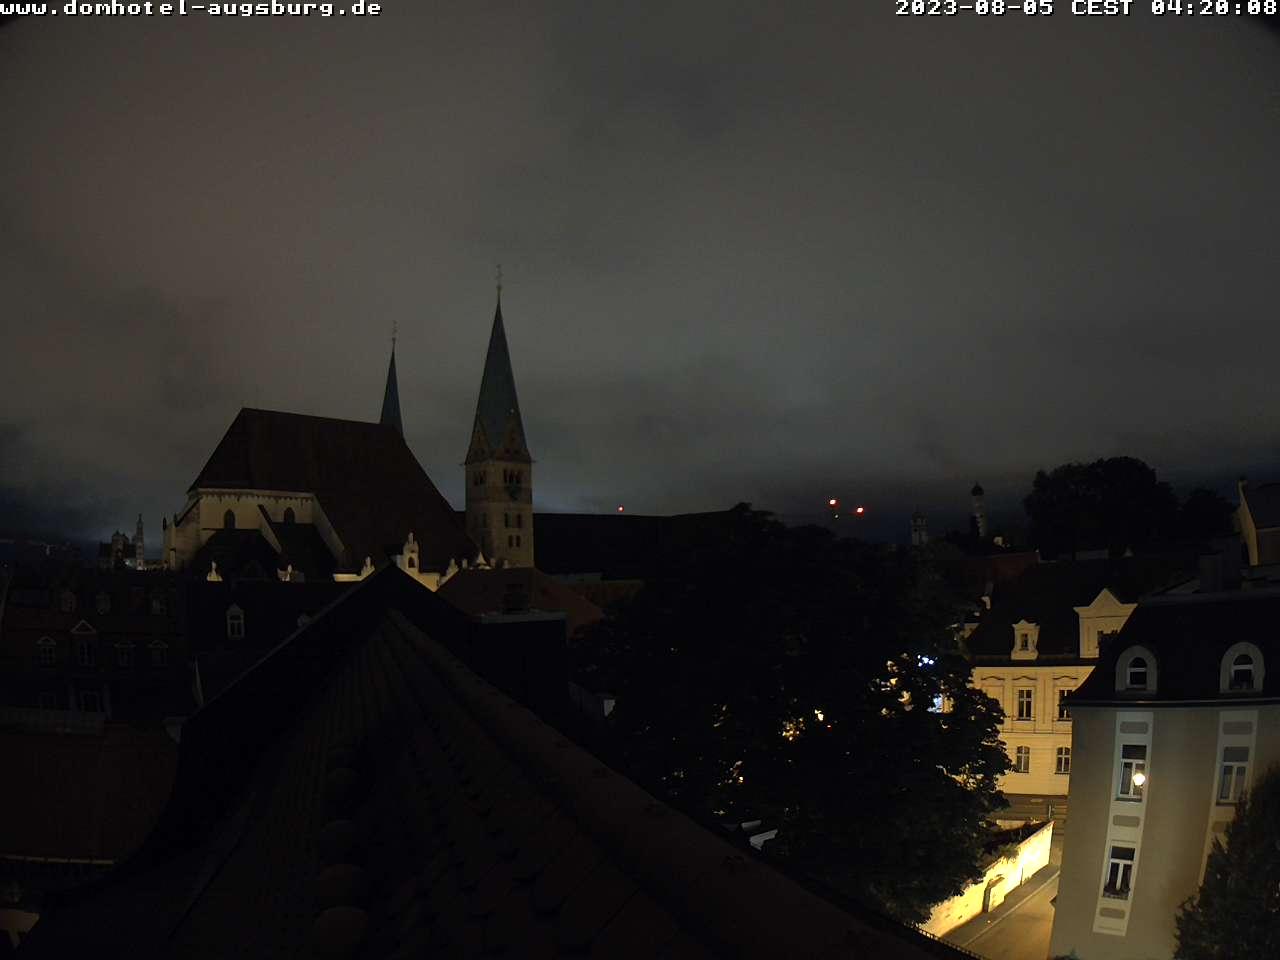 Webcam im Zentrum von Augsburg, auf dem Dach des Dom Hotels